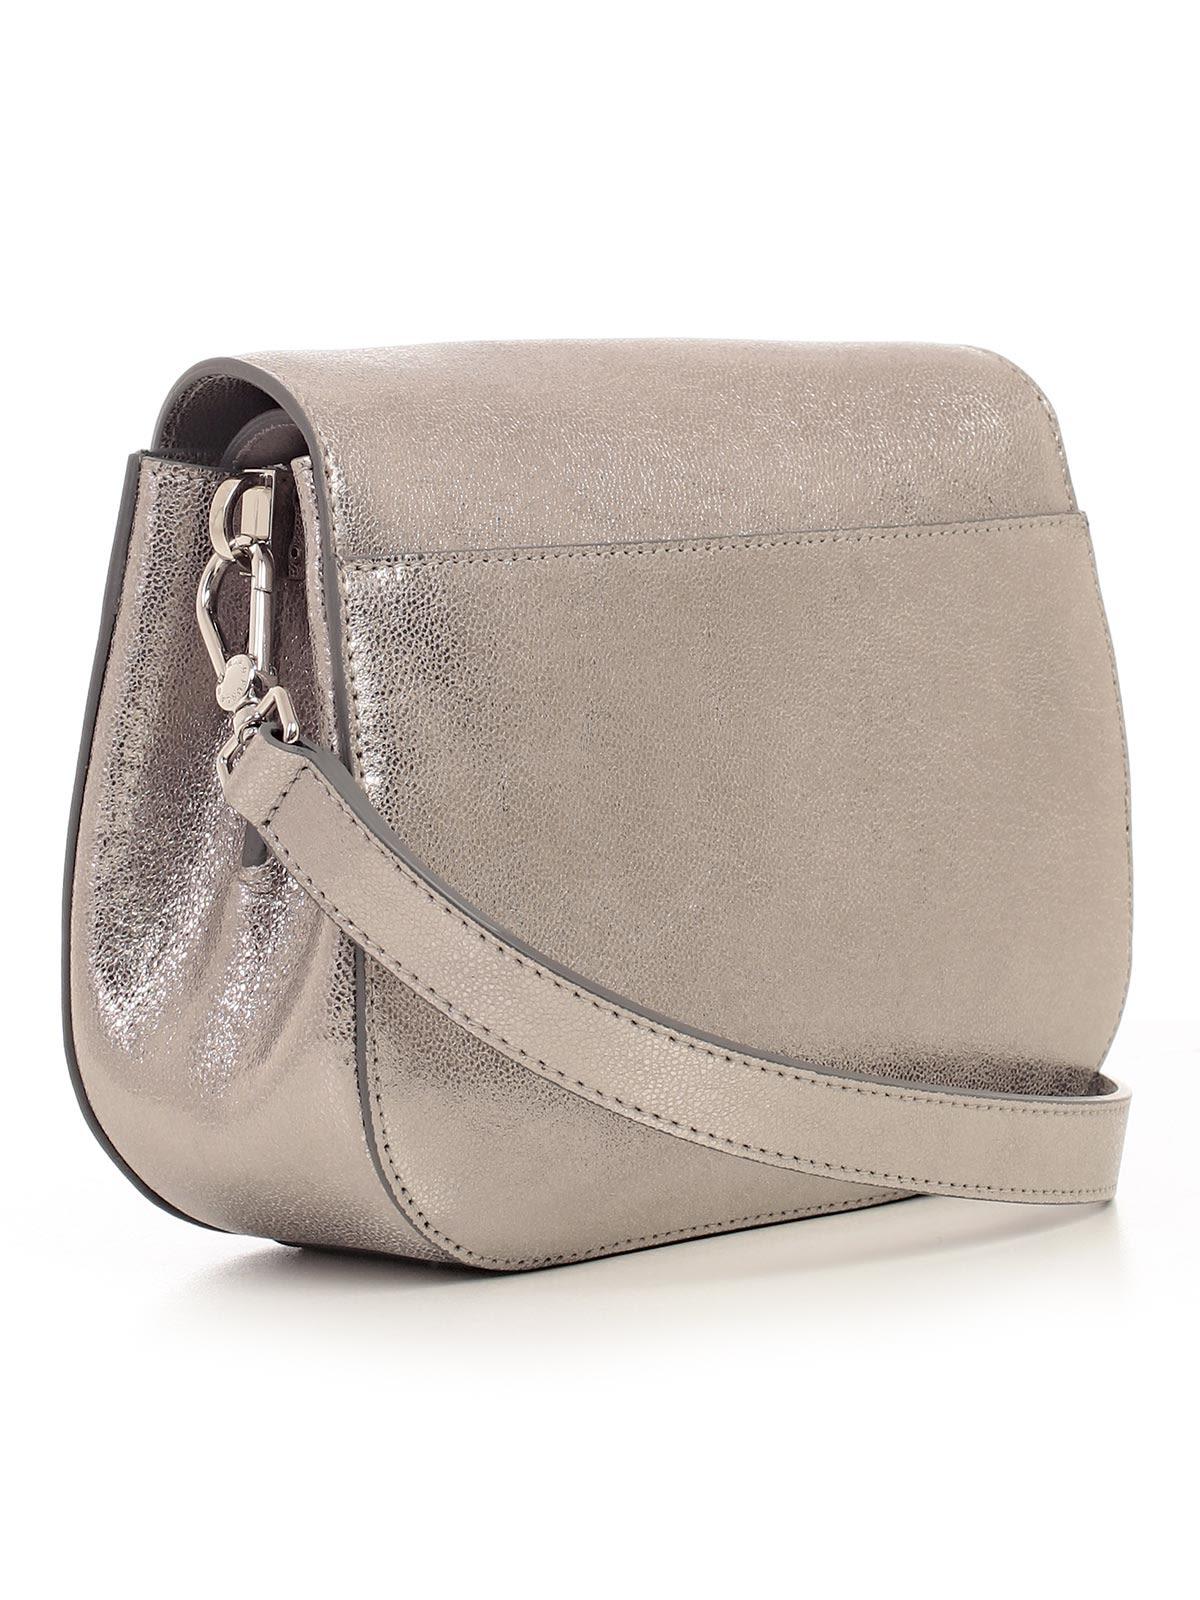 Margherita shoulder bag - Unavailable Furla 3woi9v